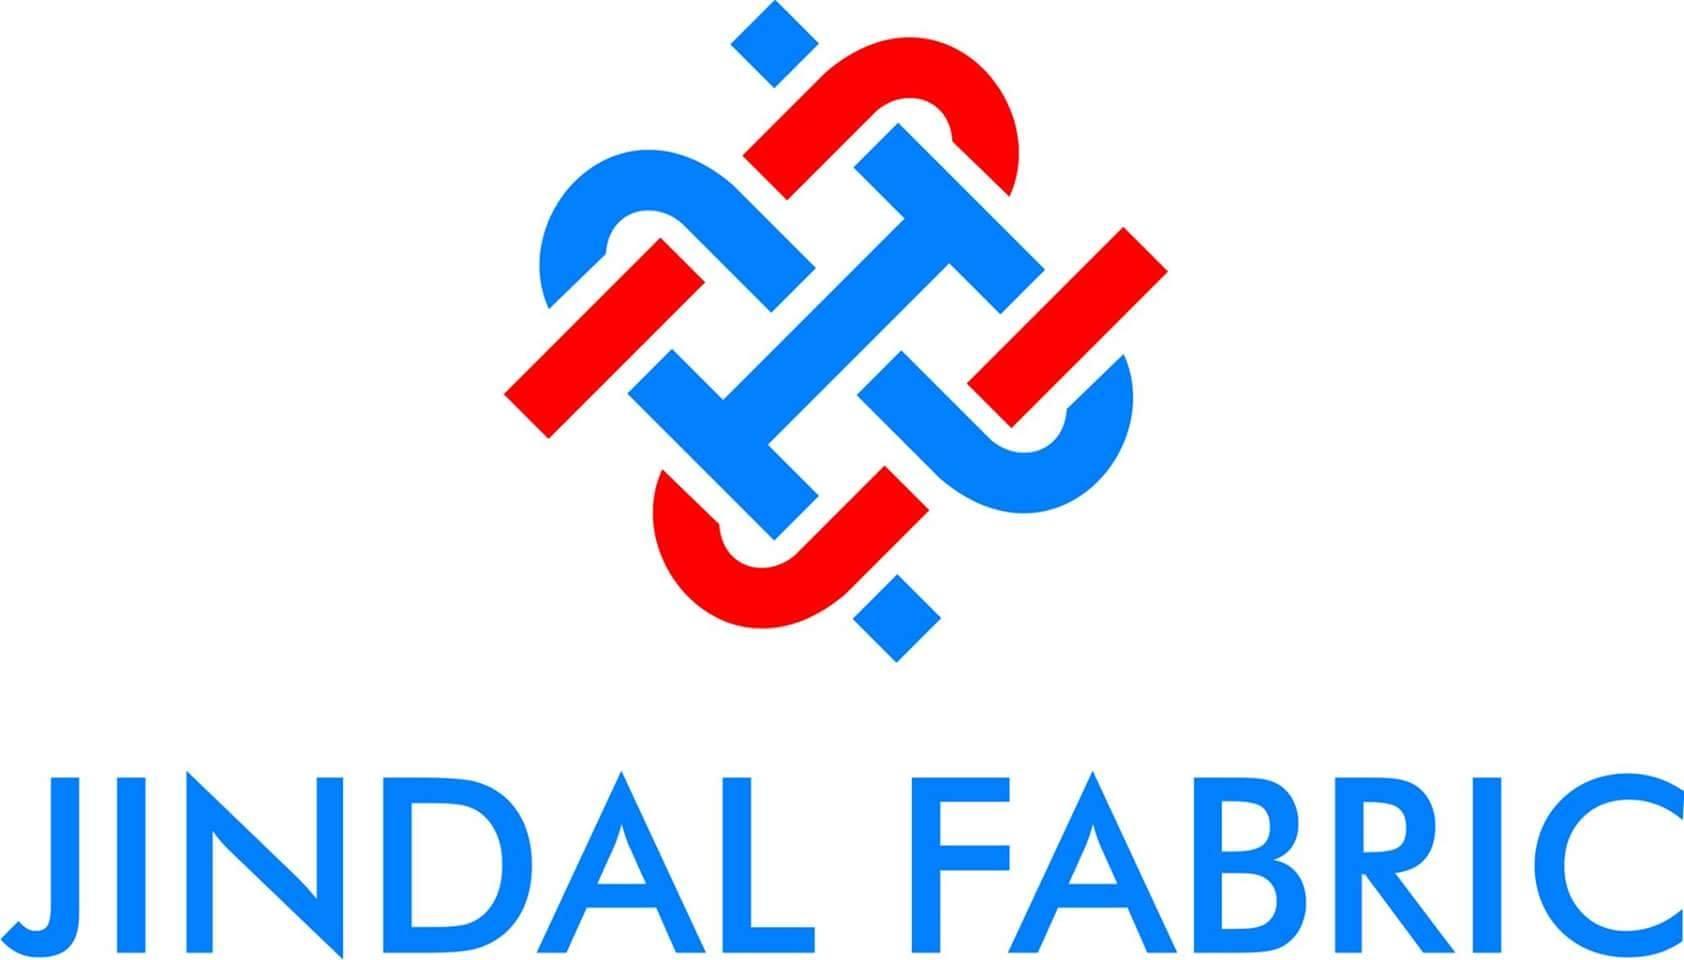 Jindal Fabric